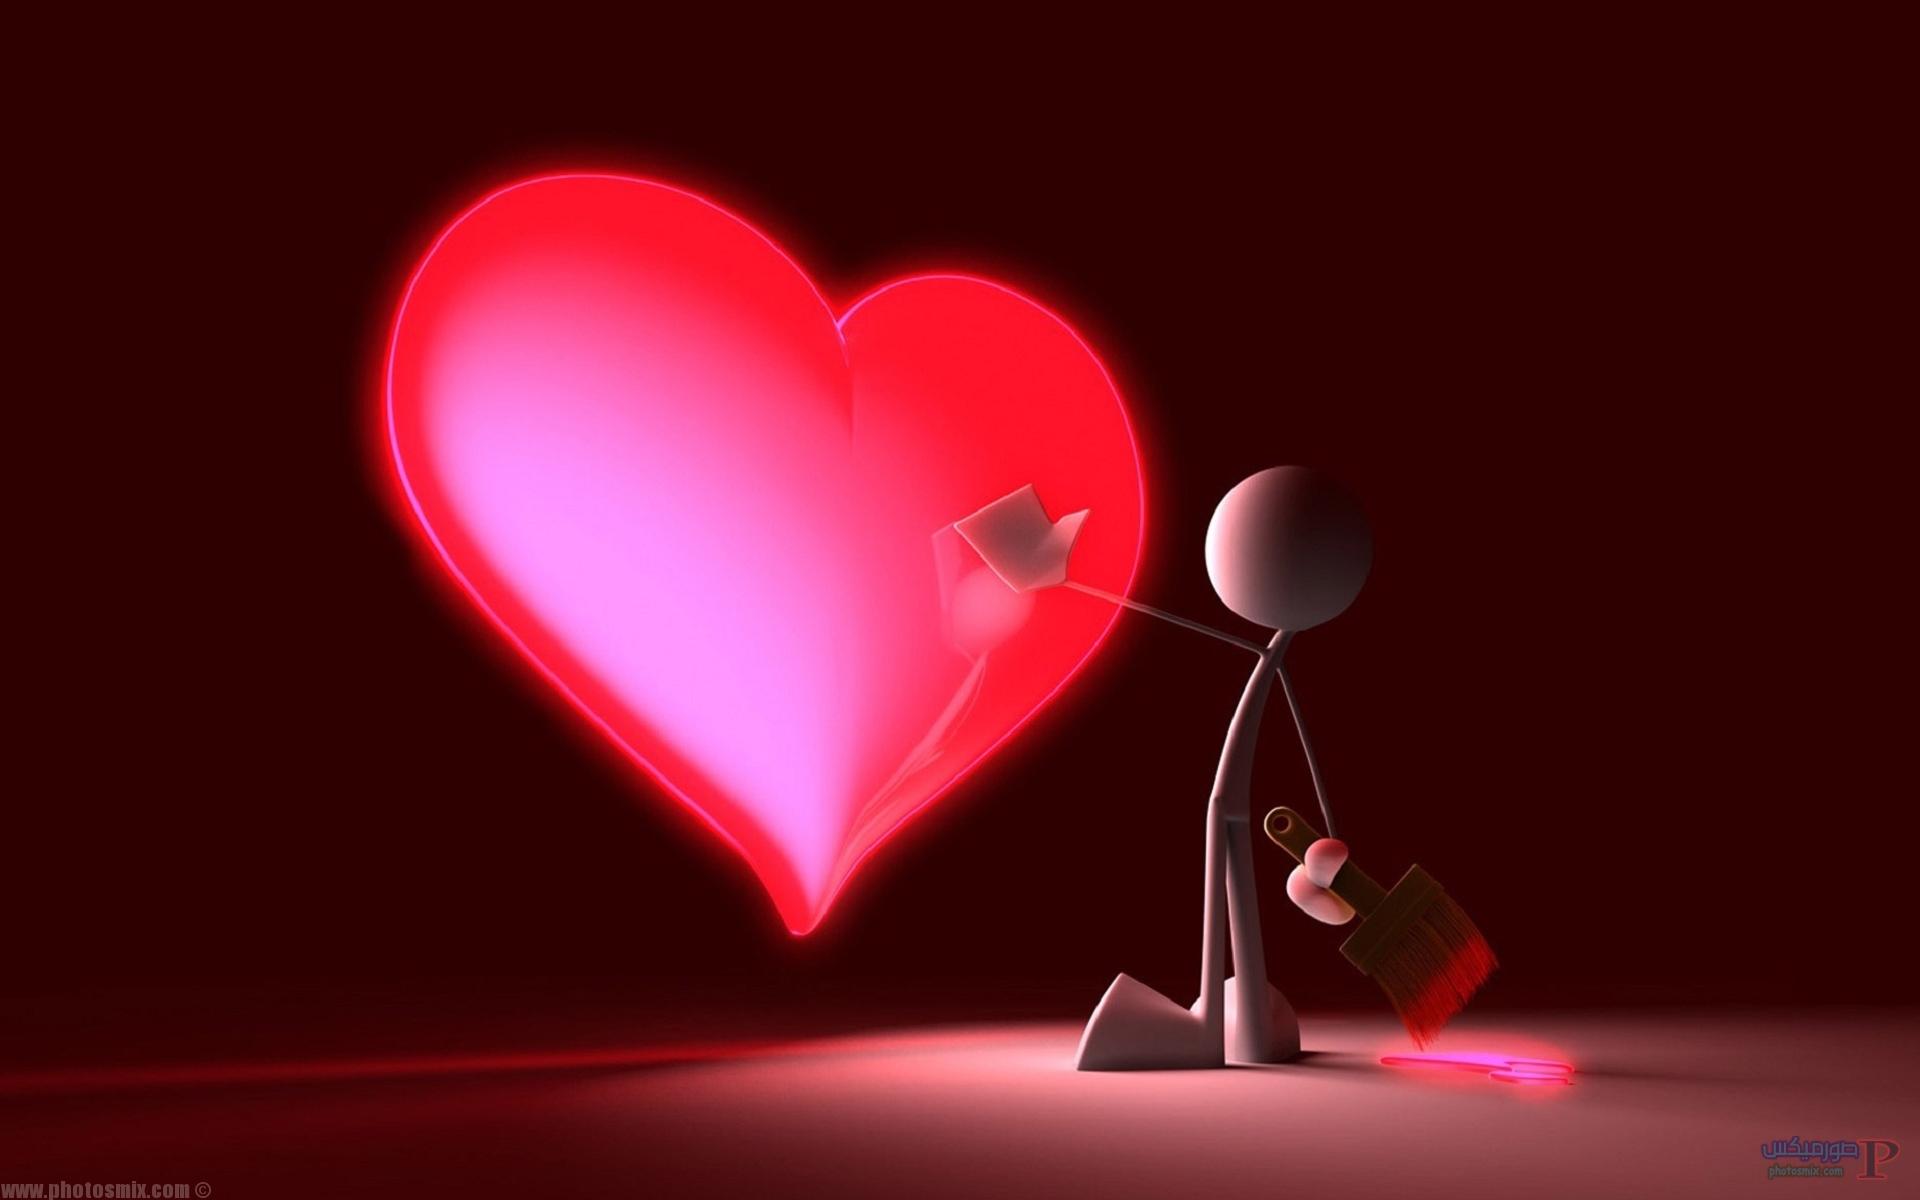 قلوب رمانسية 2